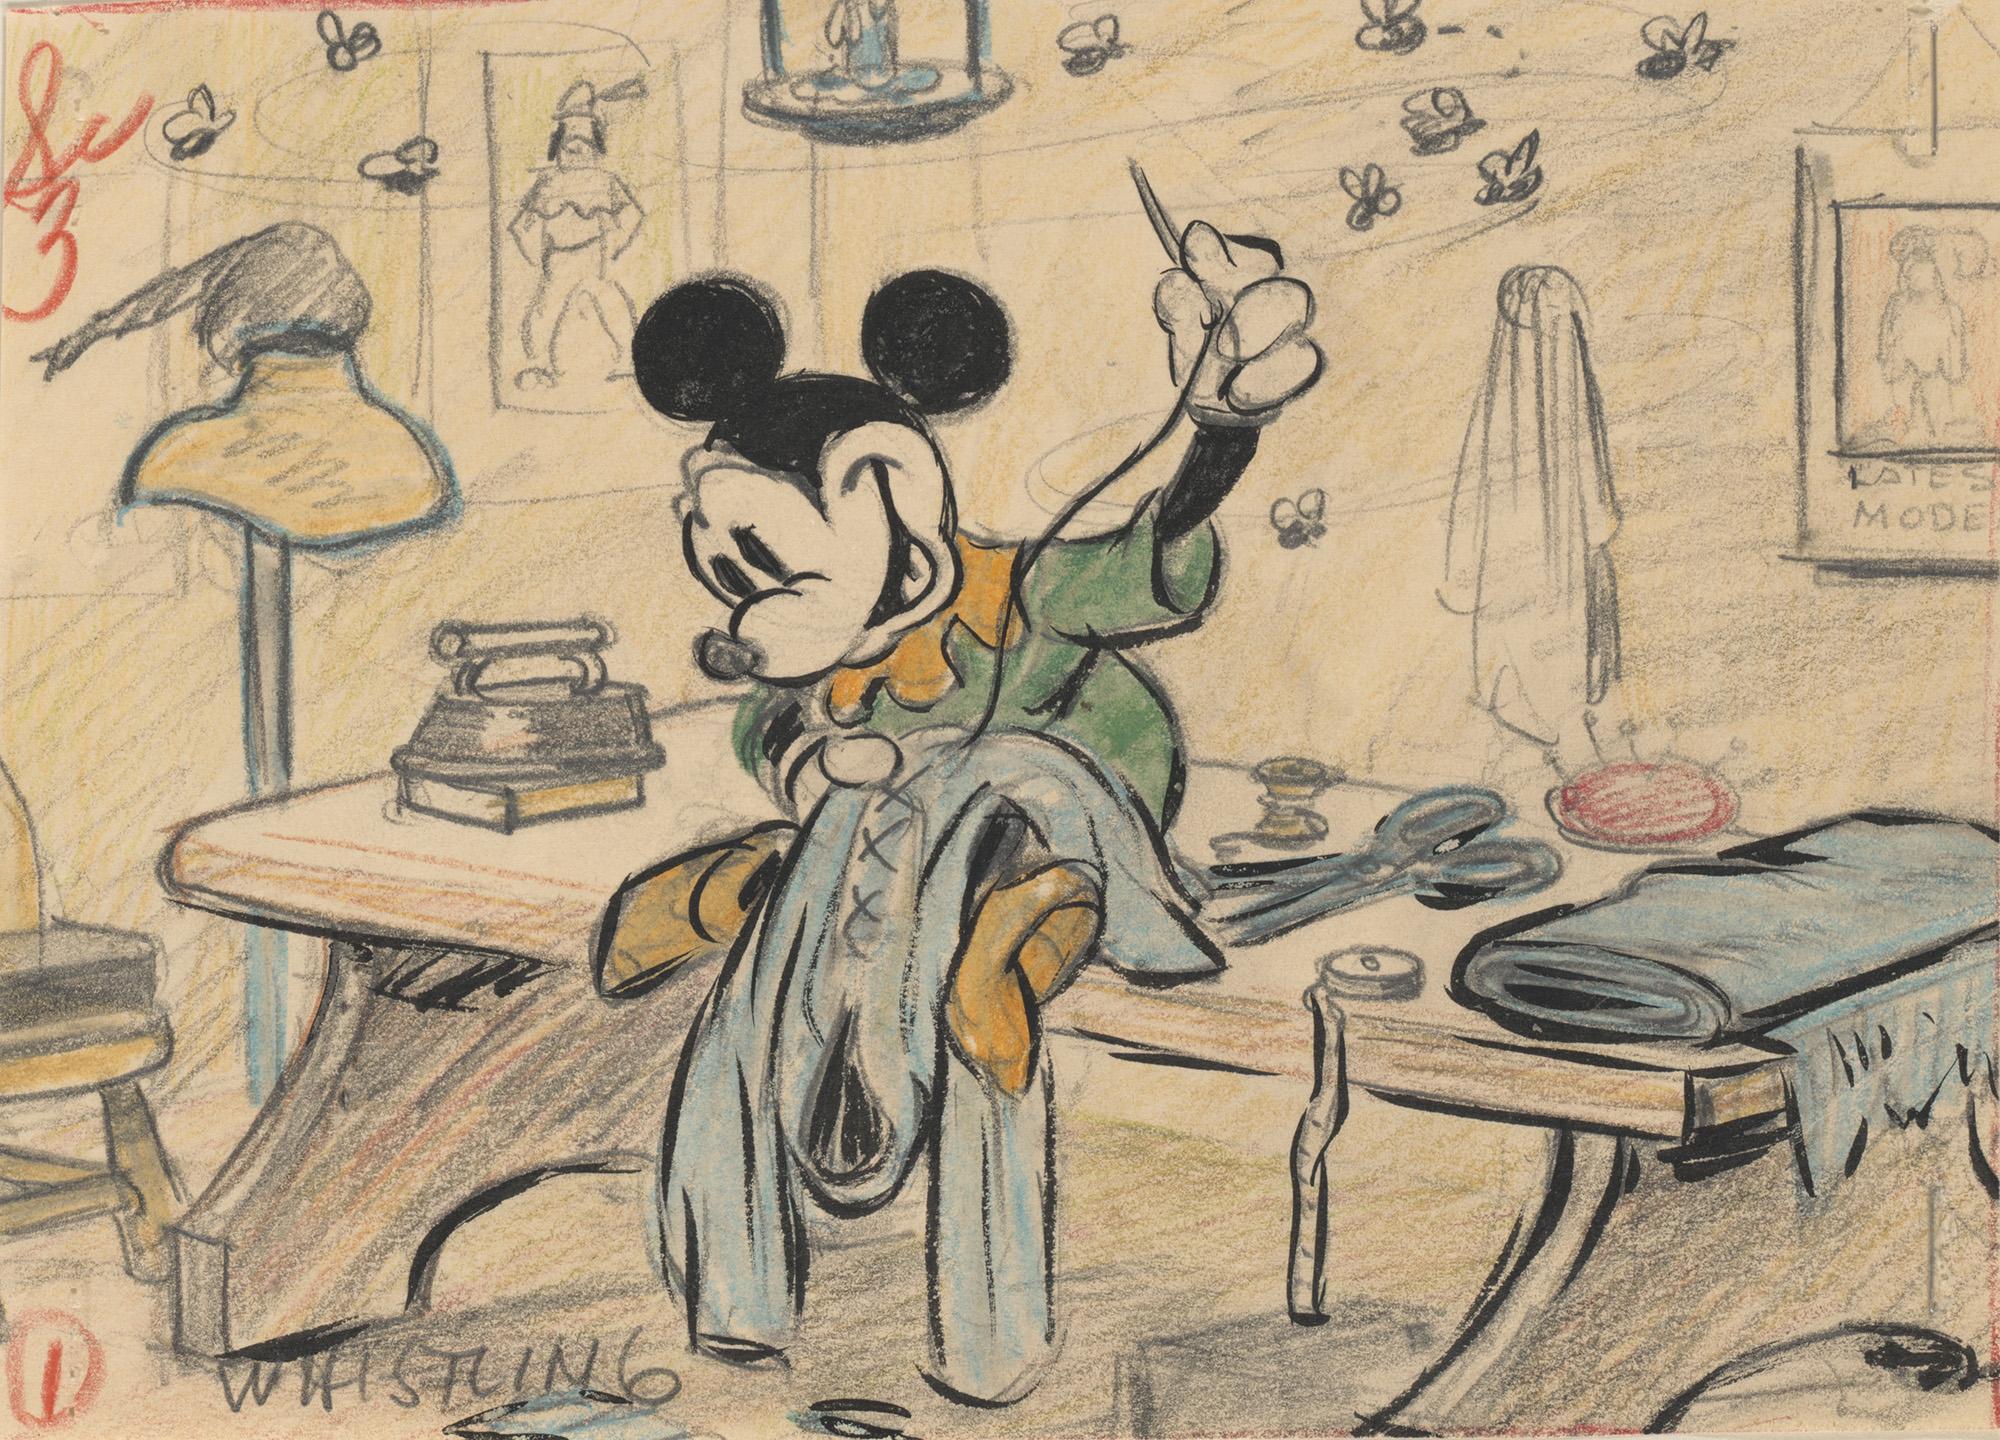 La fantasía de Disney en las paredes del CaixaForum